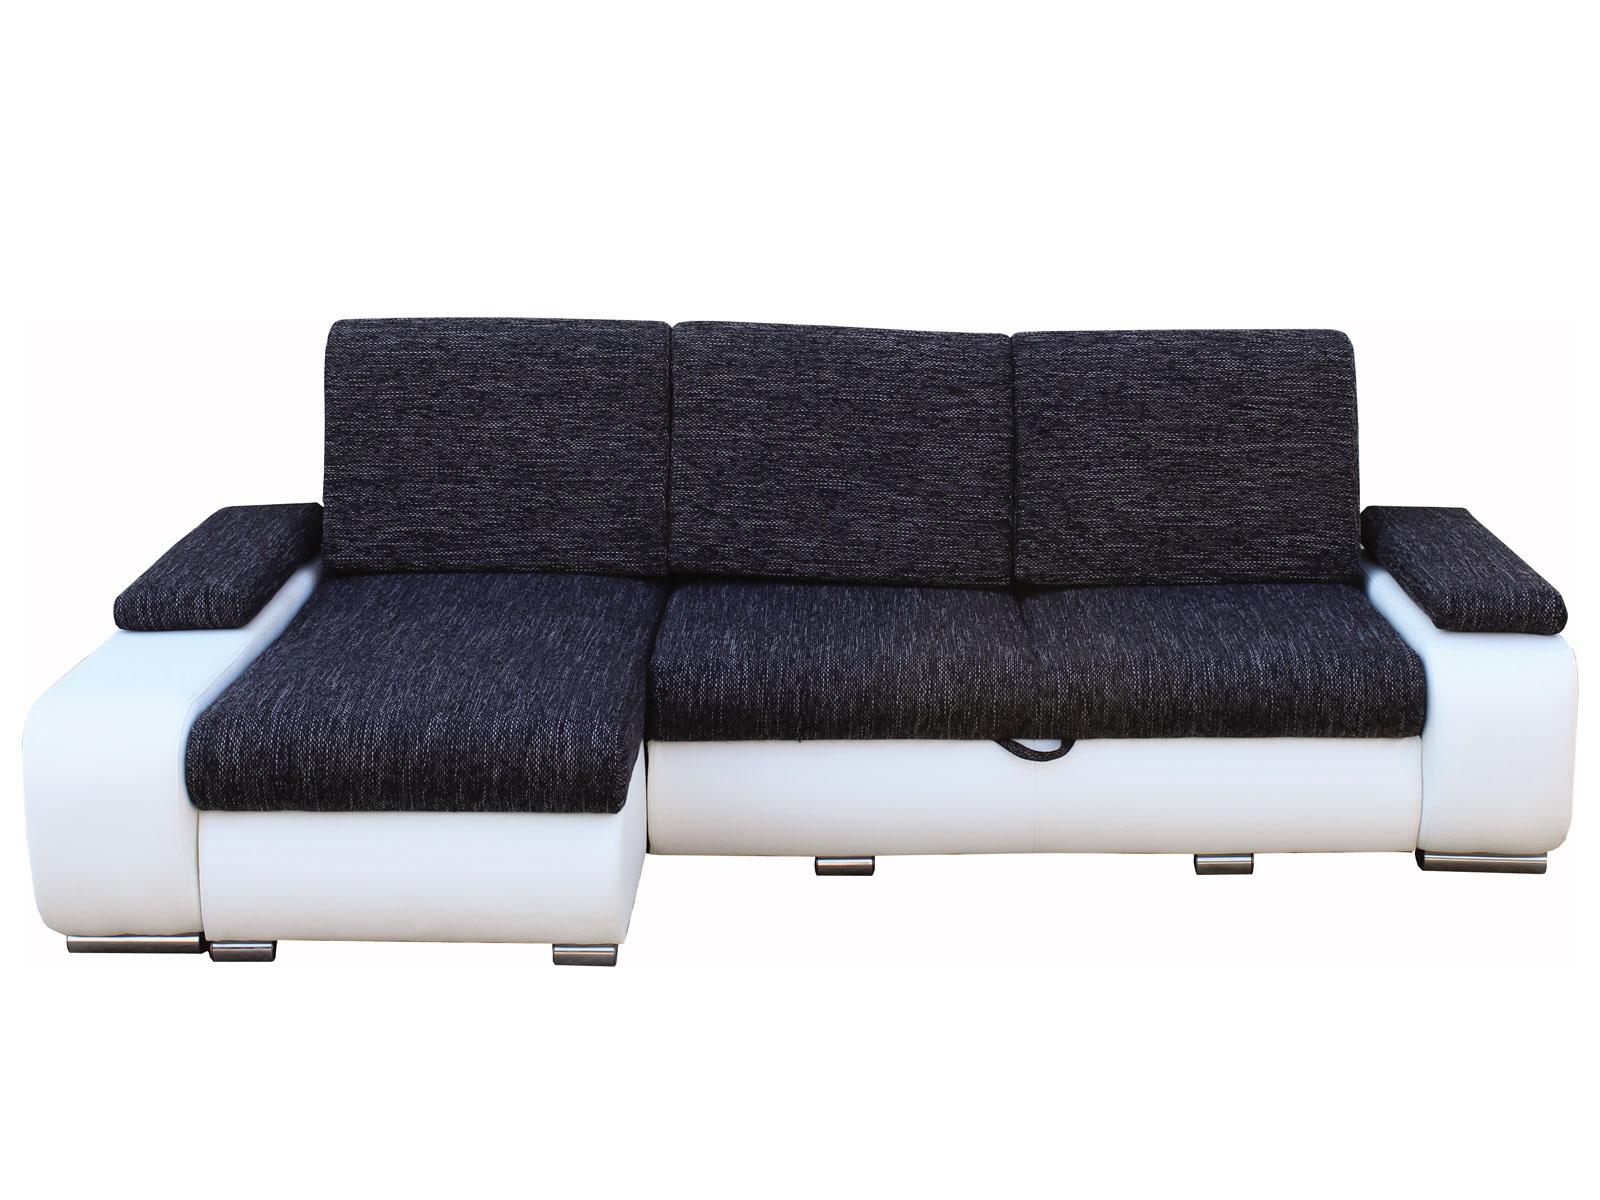 Rohová sedací souprava - Famm - Cafe roh černá + koženka bílá (L)